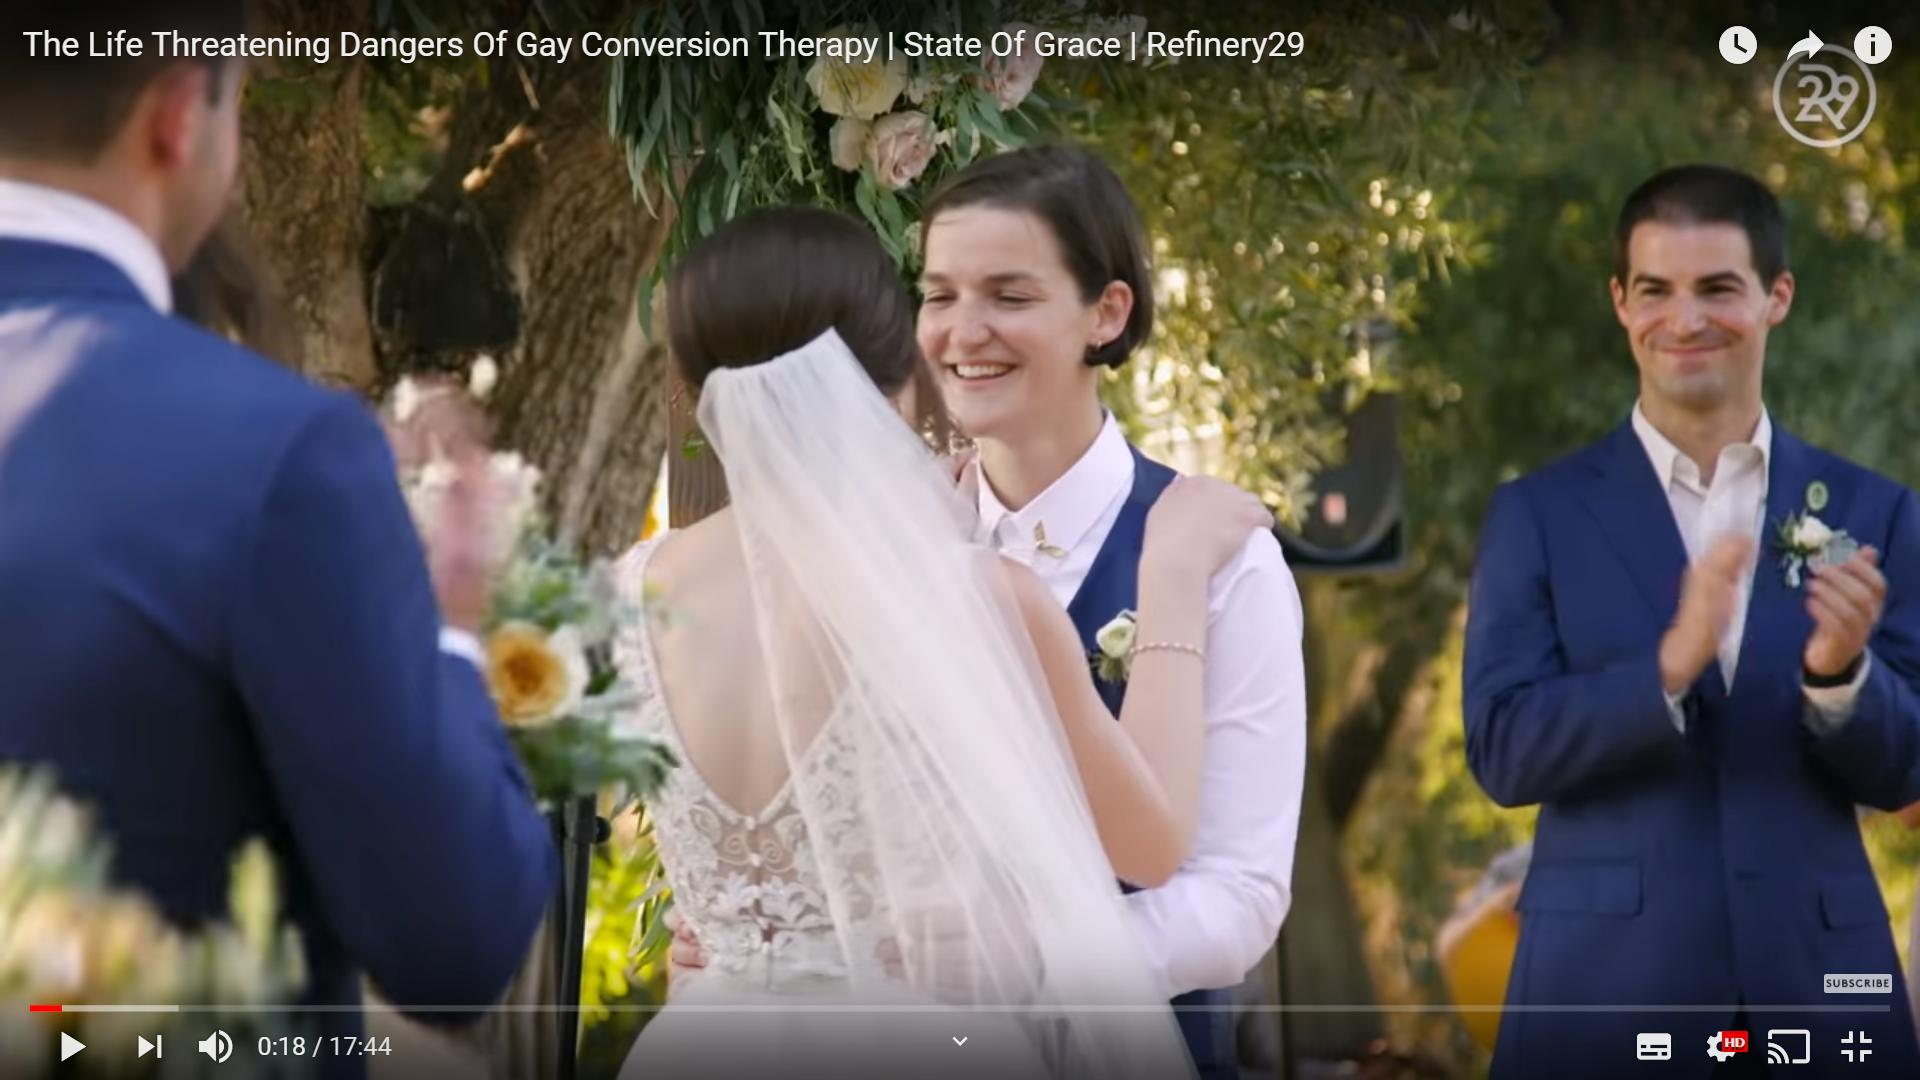 Ett Par vid en Vigsel. Två kvinnor gifter sig.